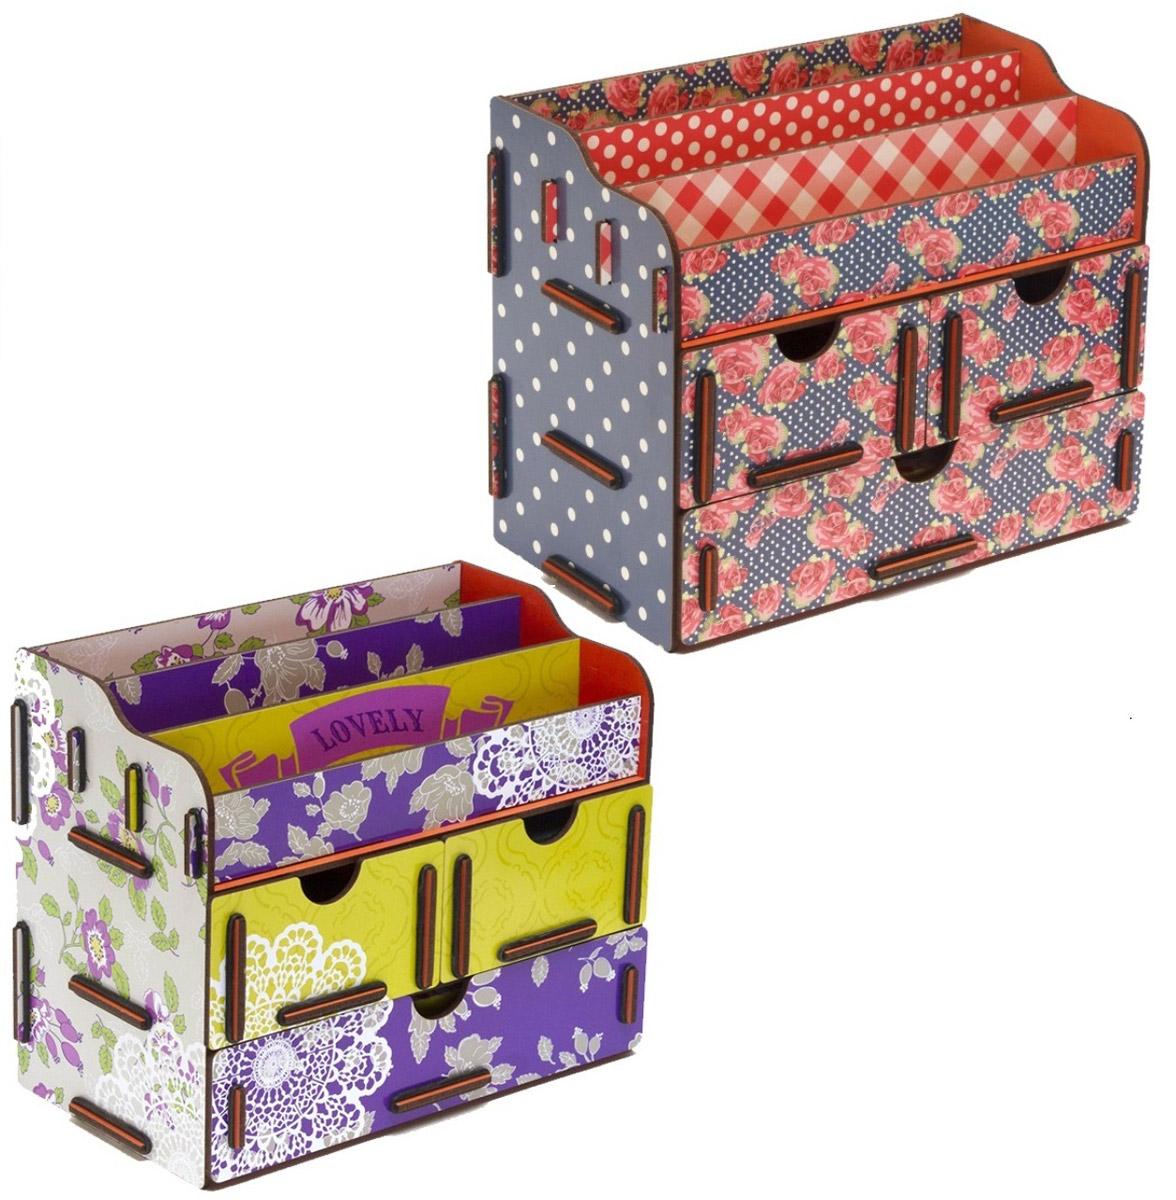 Набор шкатулок Homsu Благоухание лепестков, для украшений, 2 штDEN-05Набор Homsu Благоухание лепестков состоит из оригинальных шкатулок, выполненных из МДФ, и имеет множество полочек сверху для хранения косметики, парфюмерии и аксессуаров, а также ящички, которые позволят разместить в них все самое необходимое и сокровенное для каждой женщины. Шкатулочки можно поставить на стол, они станут отличным дополнением интерьера.